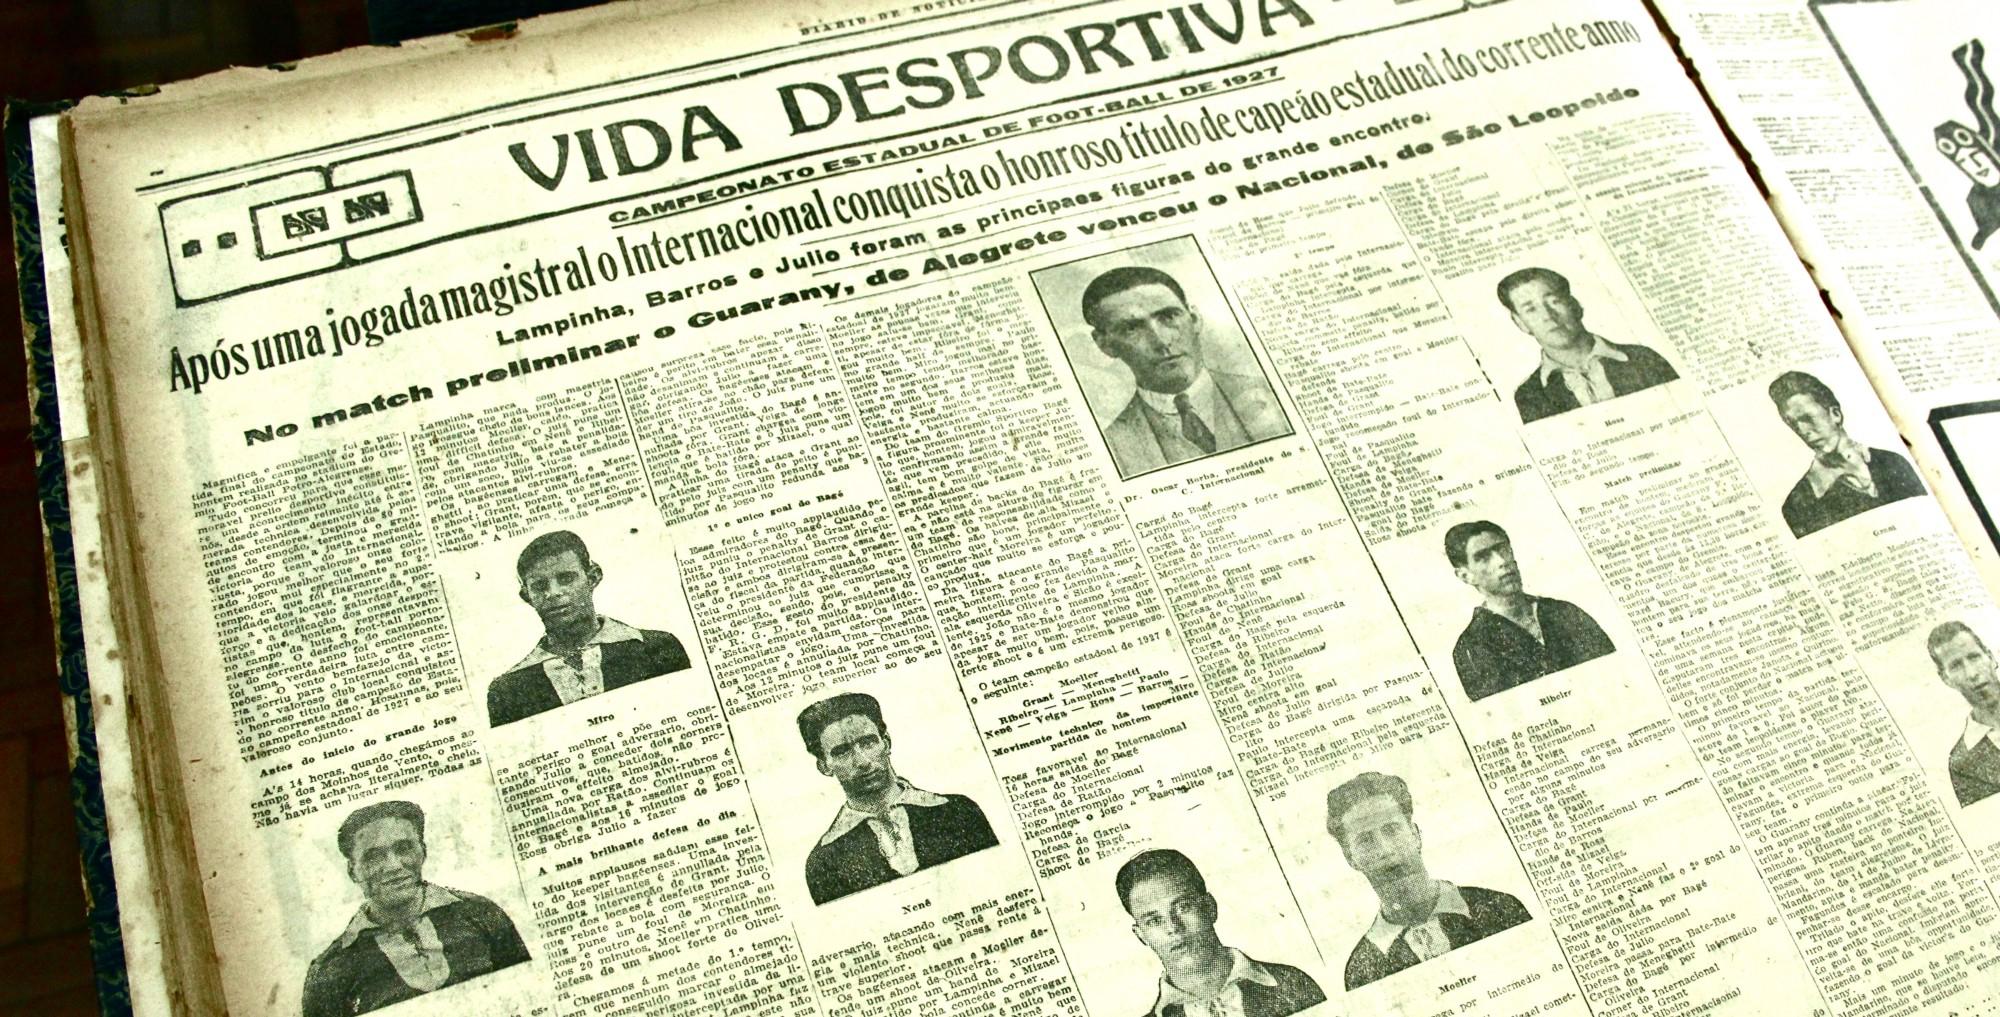 Campeonato Gaúcho de 1927—primeiro e único gauchão vencido pelo Inter sem a participação de atletas negros.